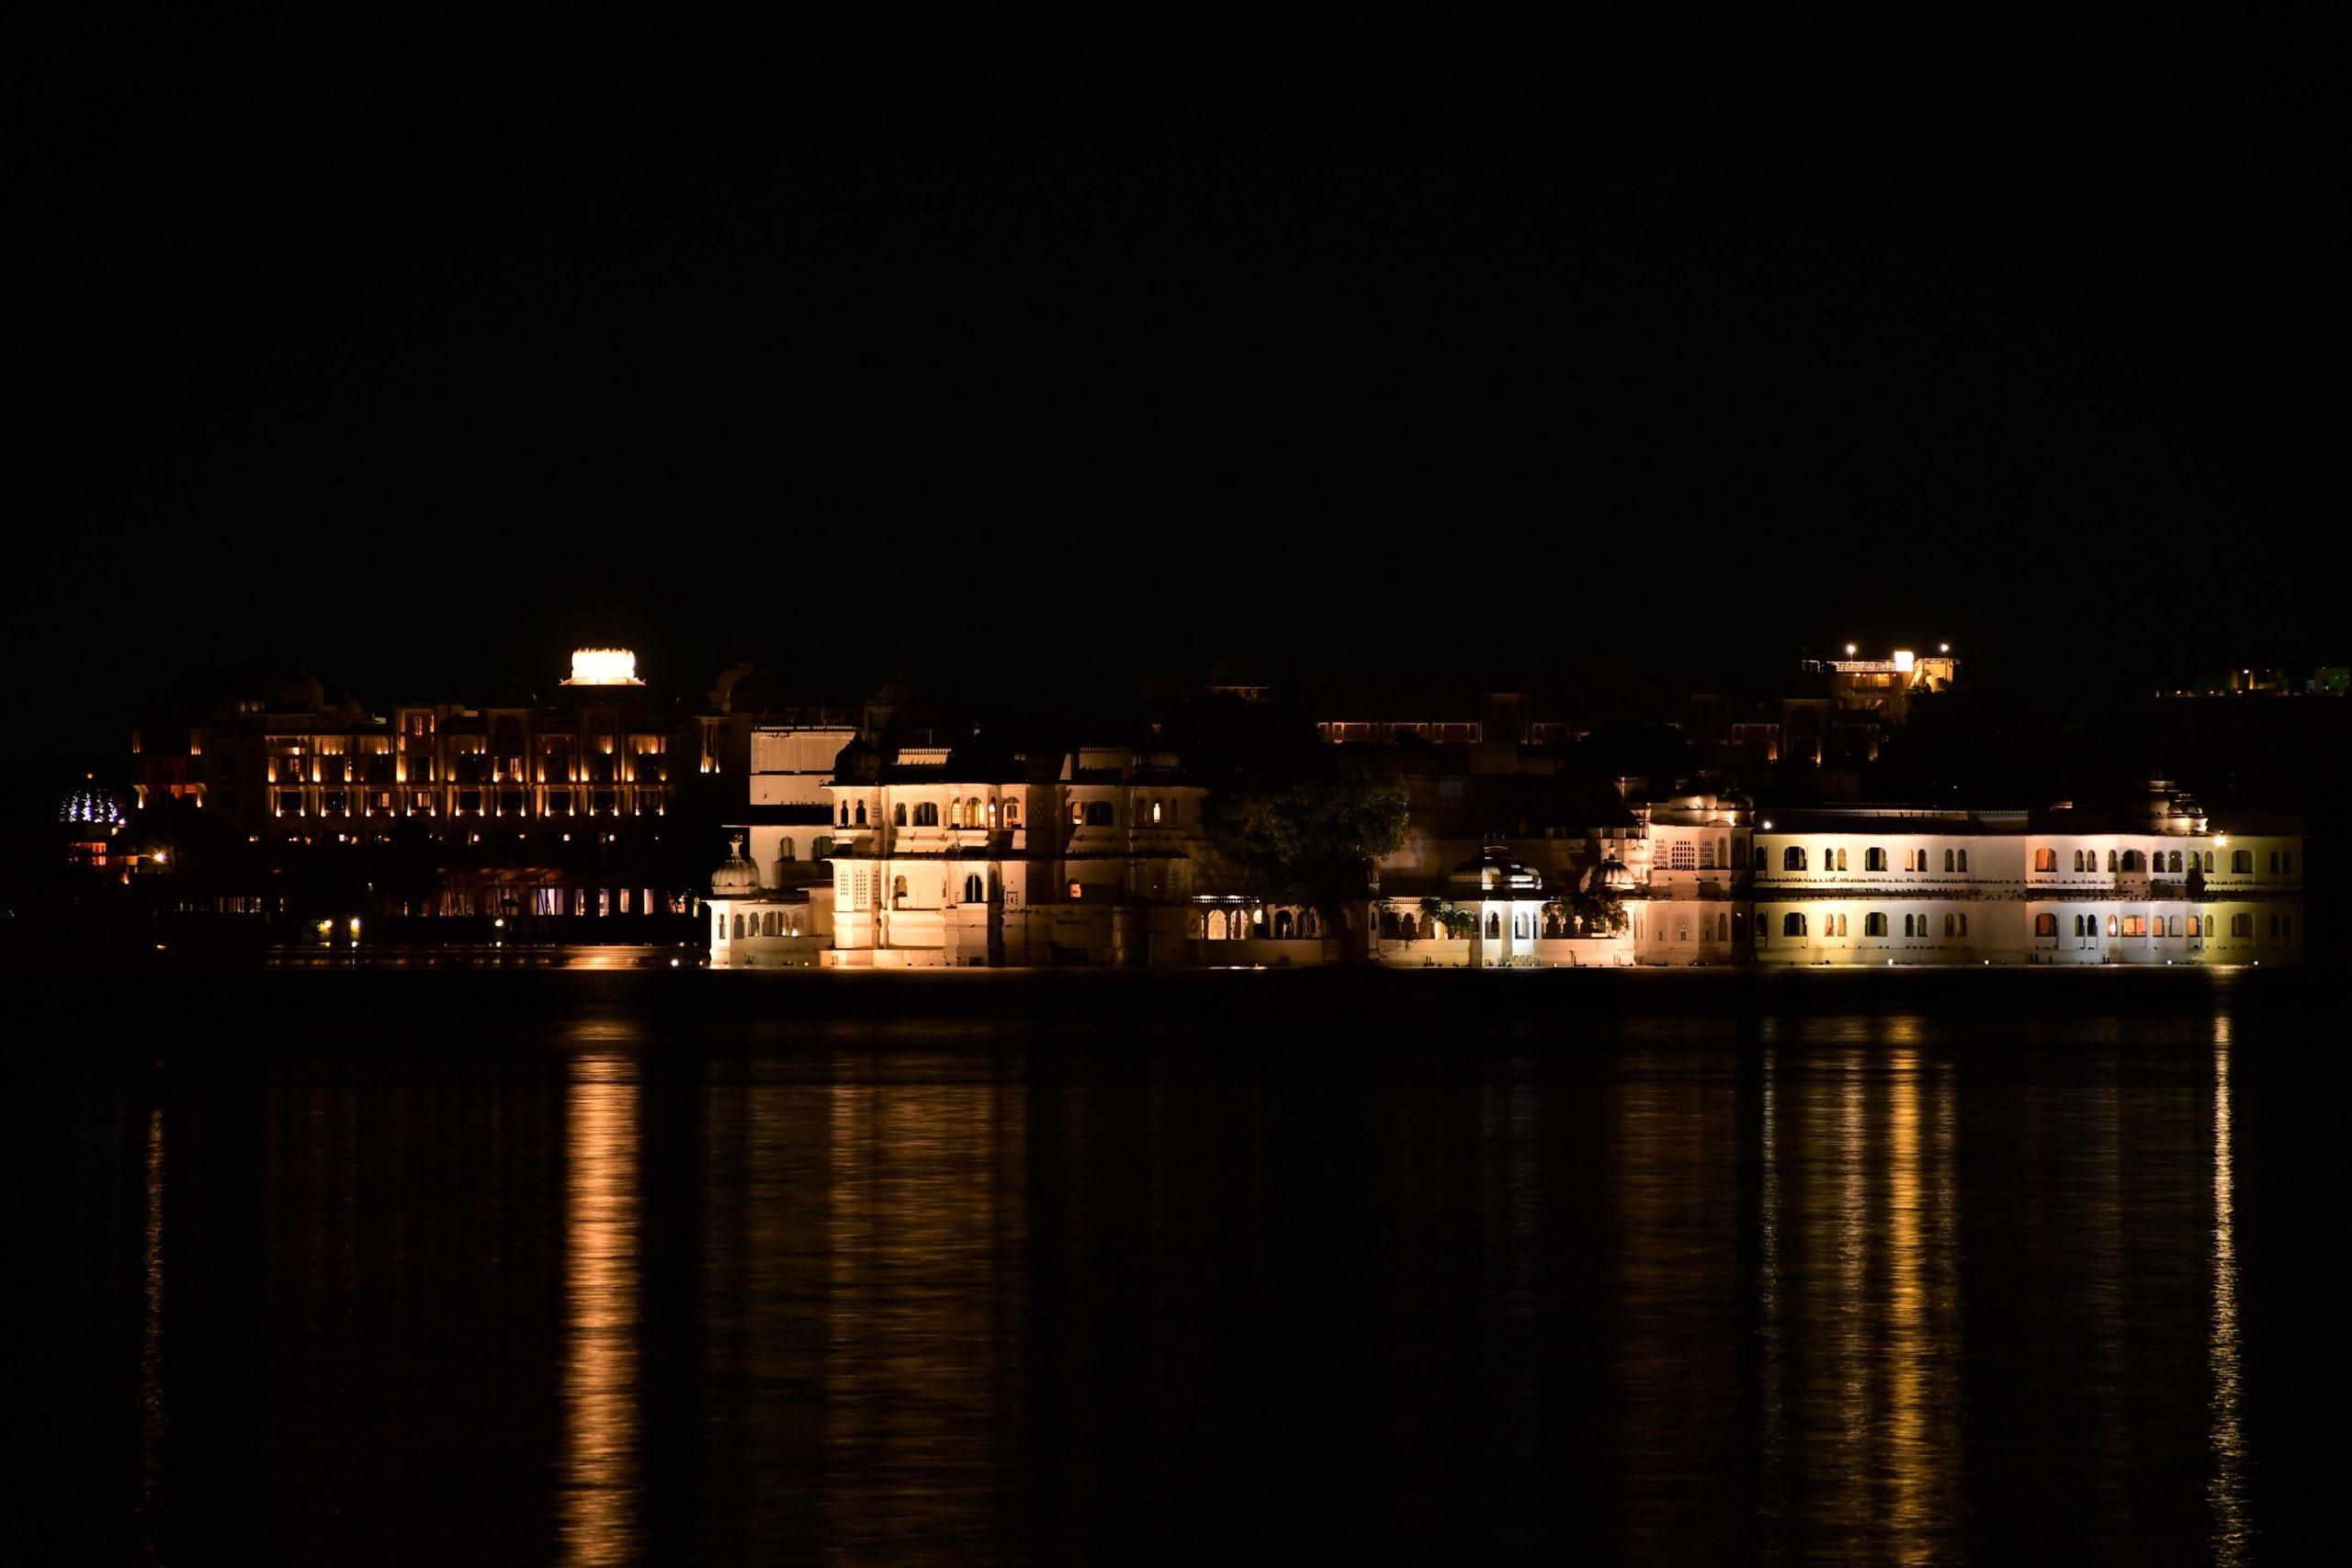 A lakeside palace